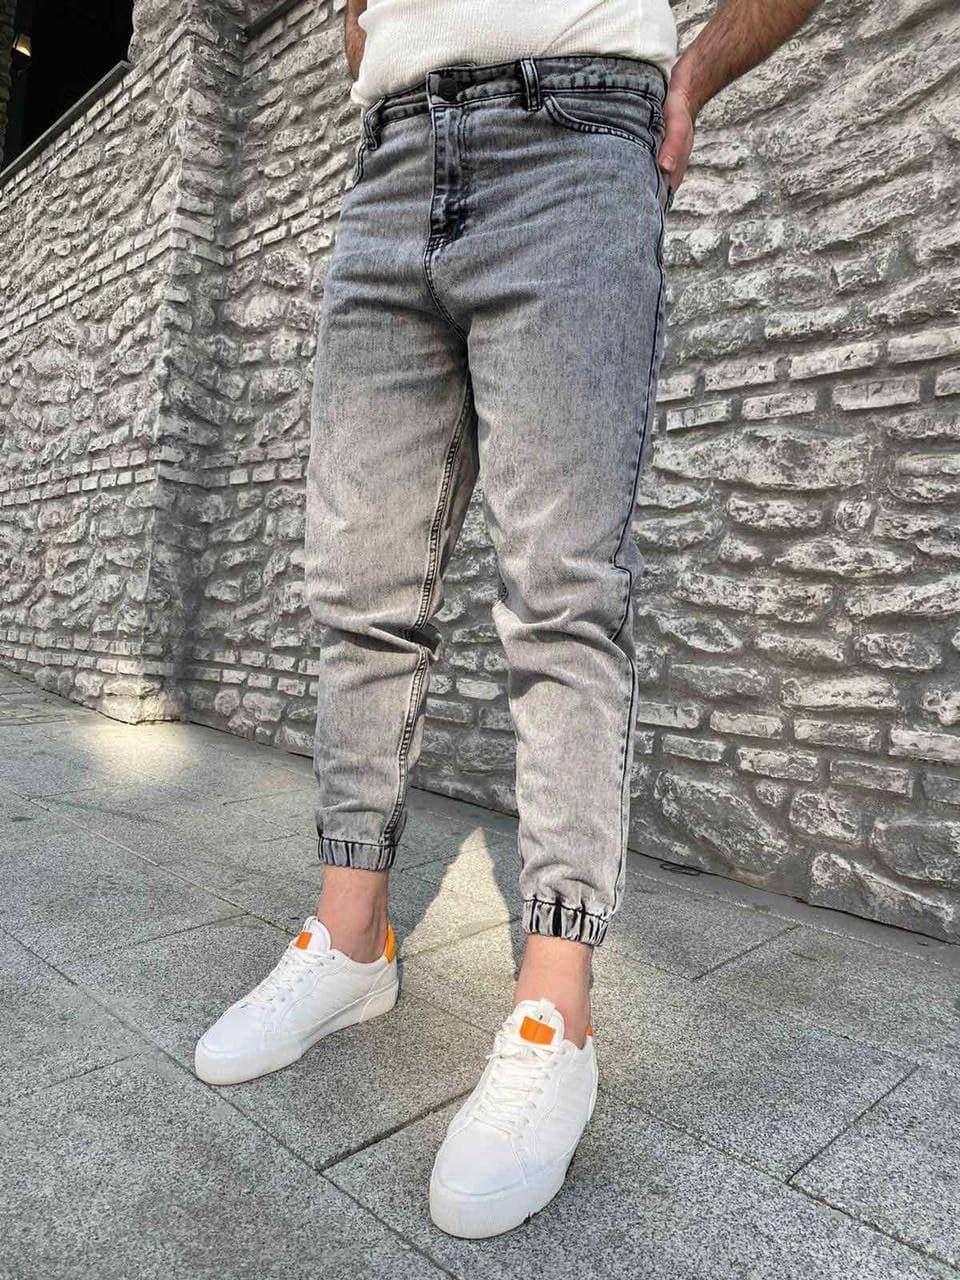 Чоловічі джинси-джоггеры сірі під манжет